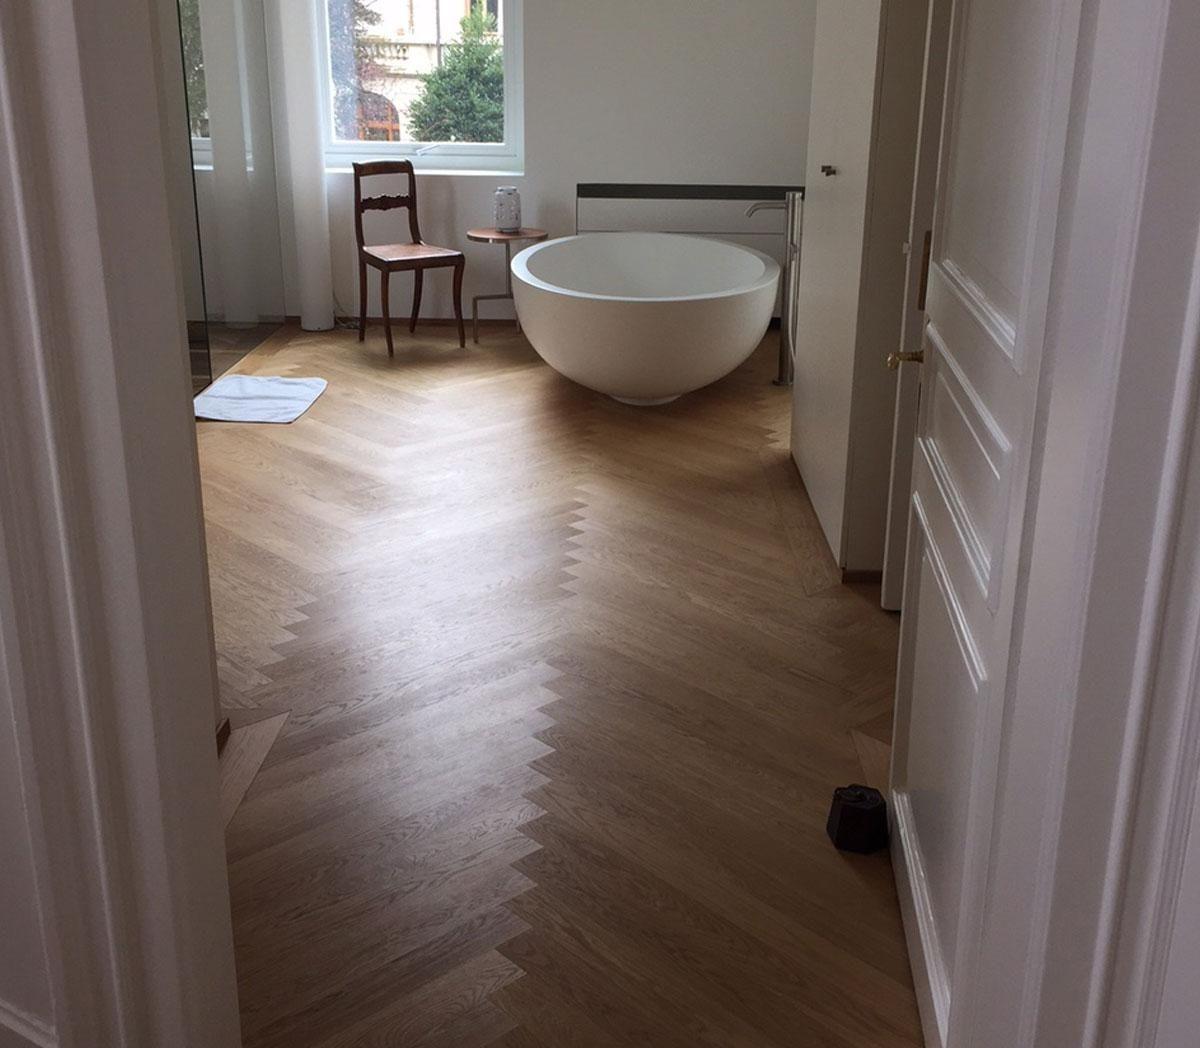 Ferrer floors AG - Parkett Bodenbeläge Linoleum PVC Kautschuk ...